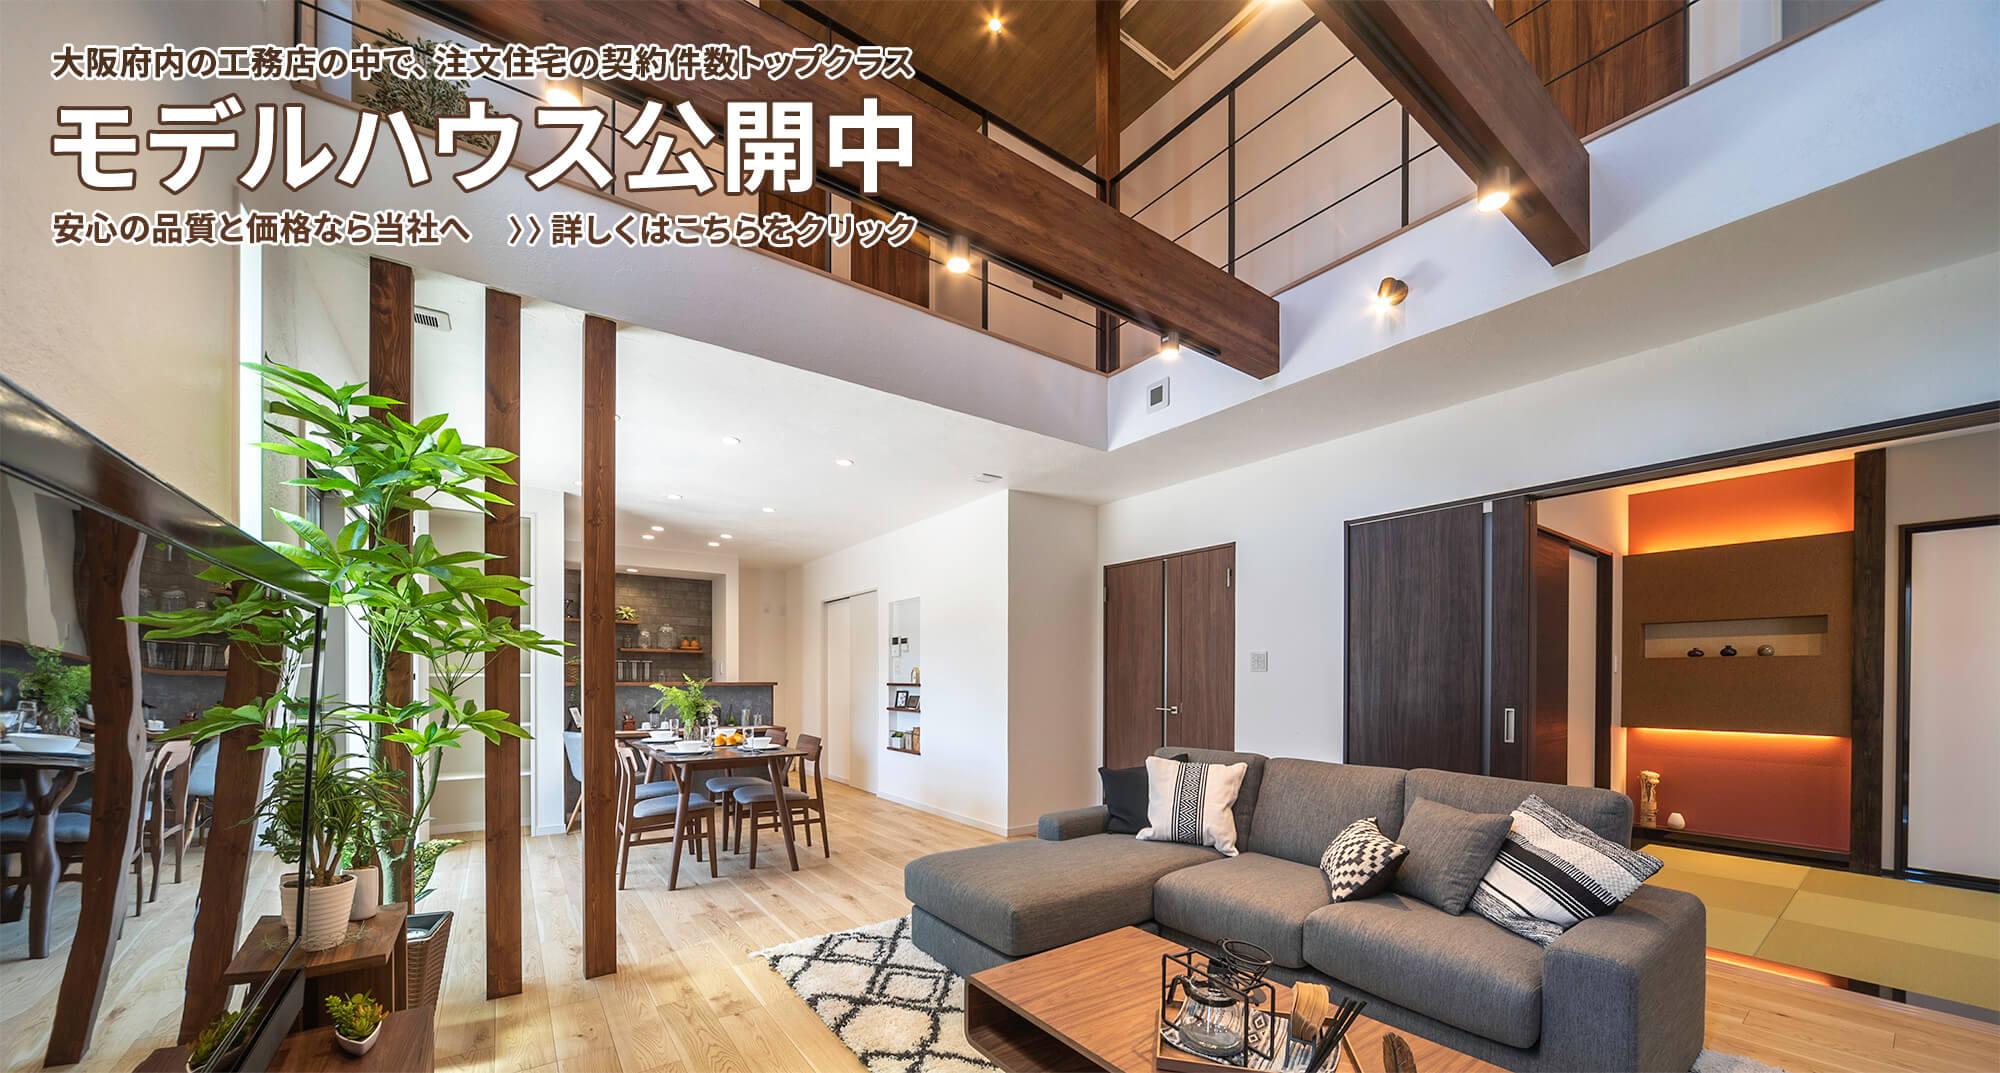 枚方市内の新モデルハウスのお知らせ(分譲住宅の参考に)